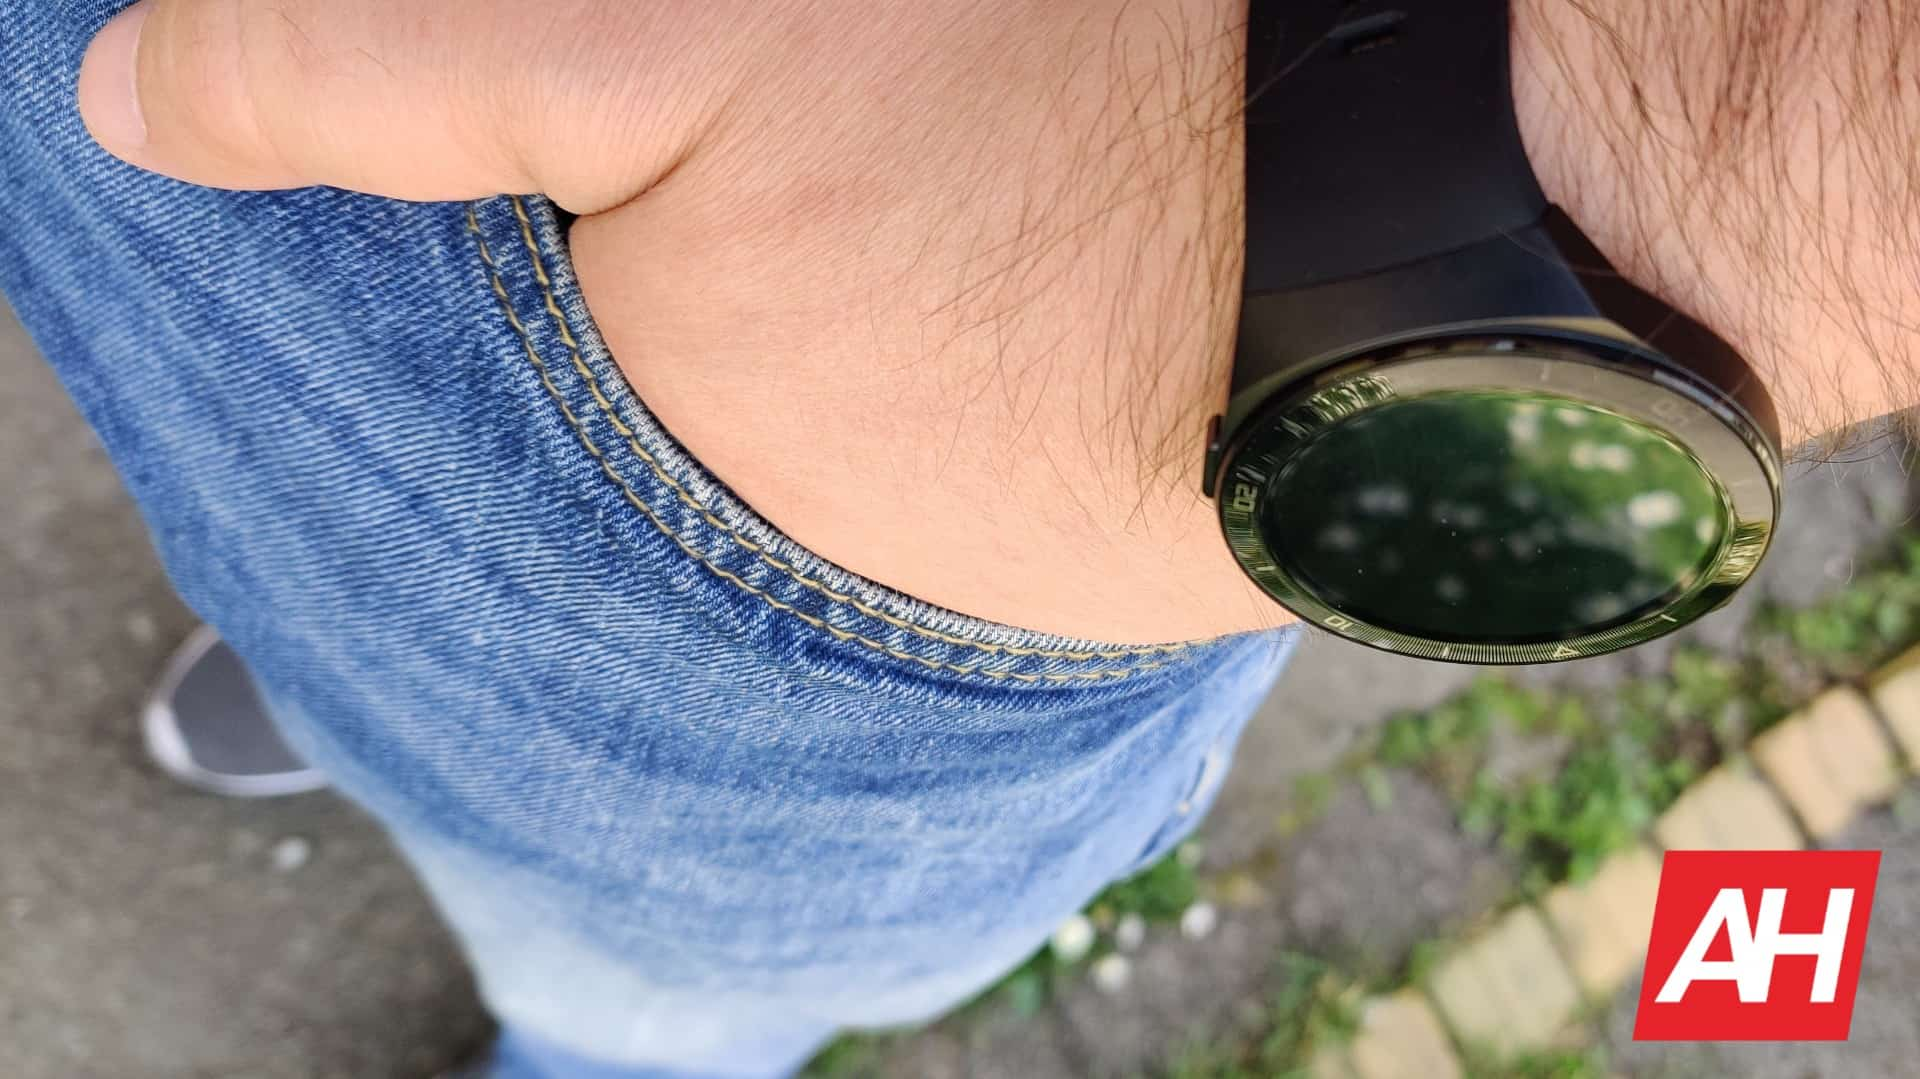 AH Huawei Watch GT 2e image 38